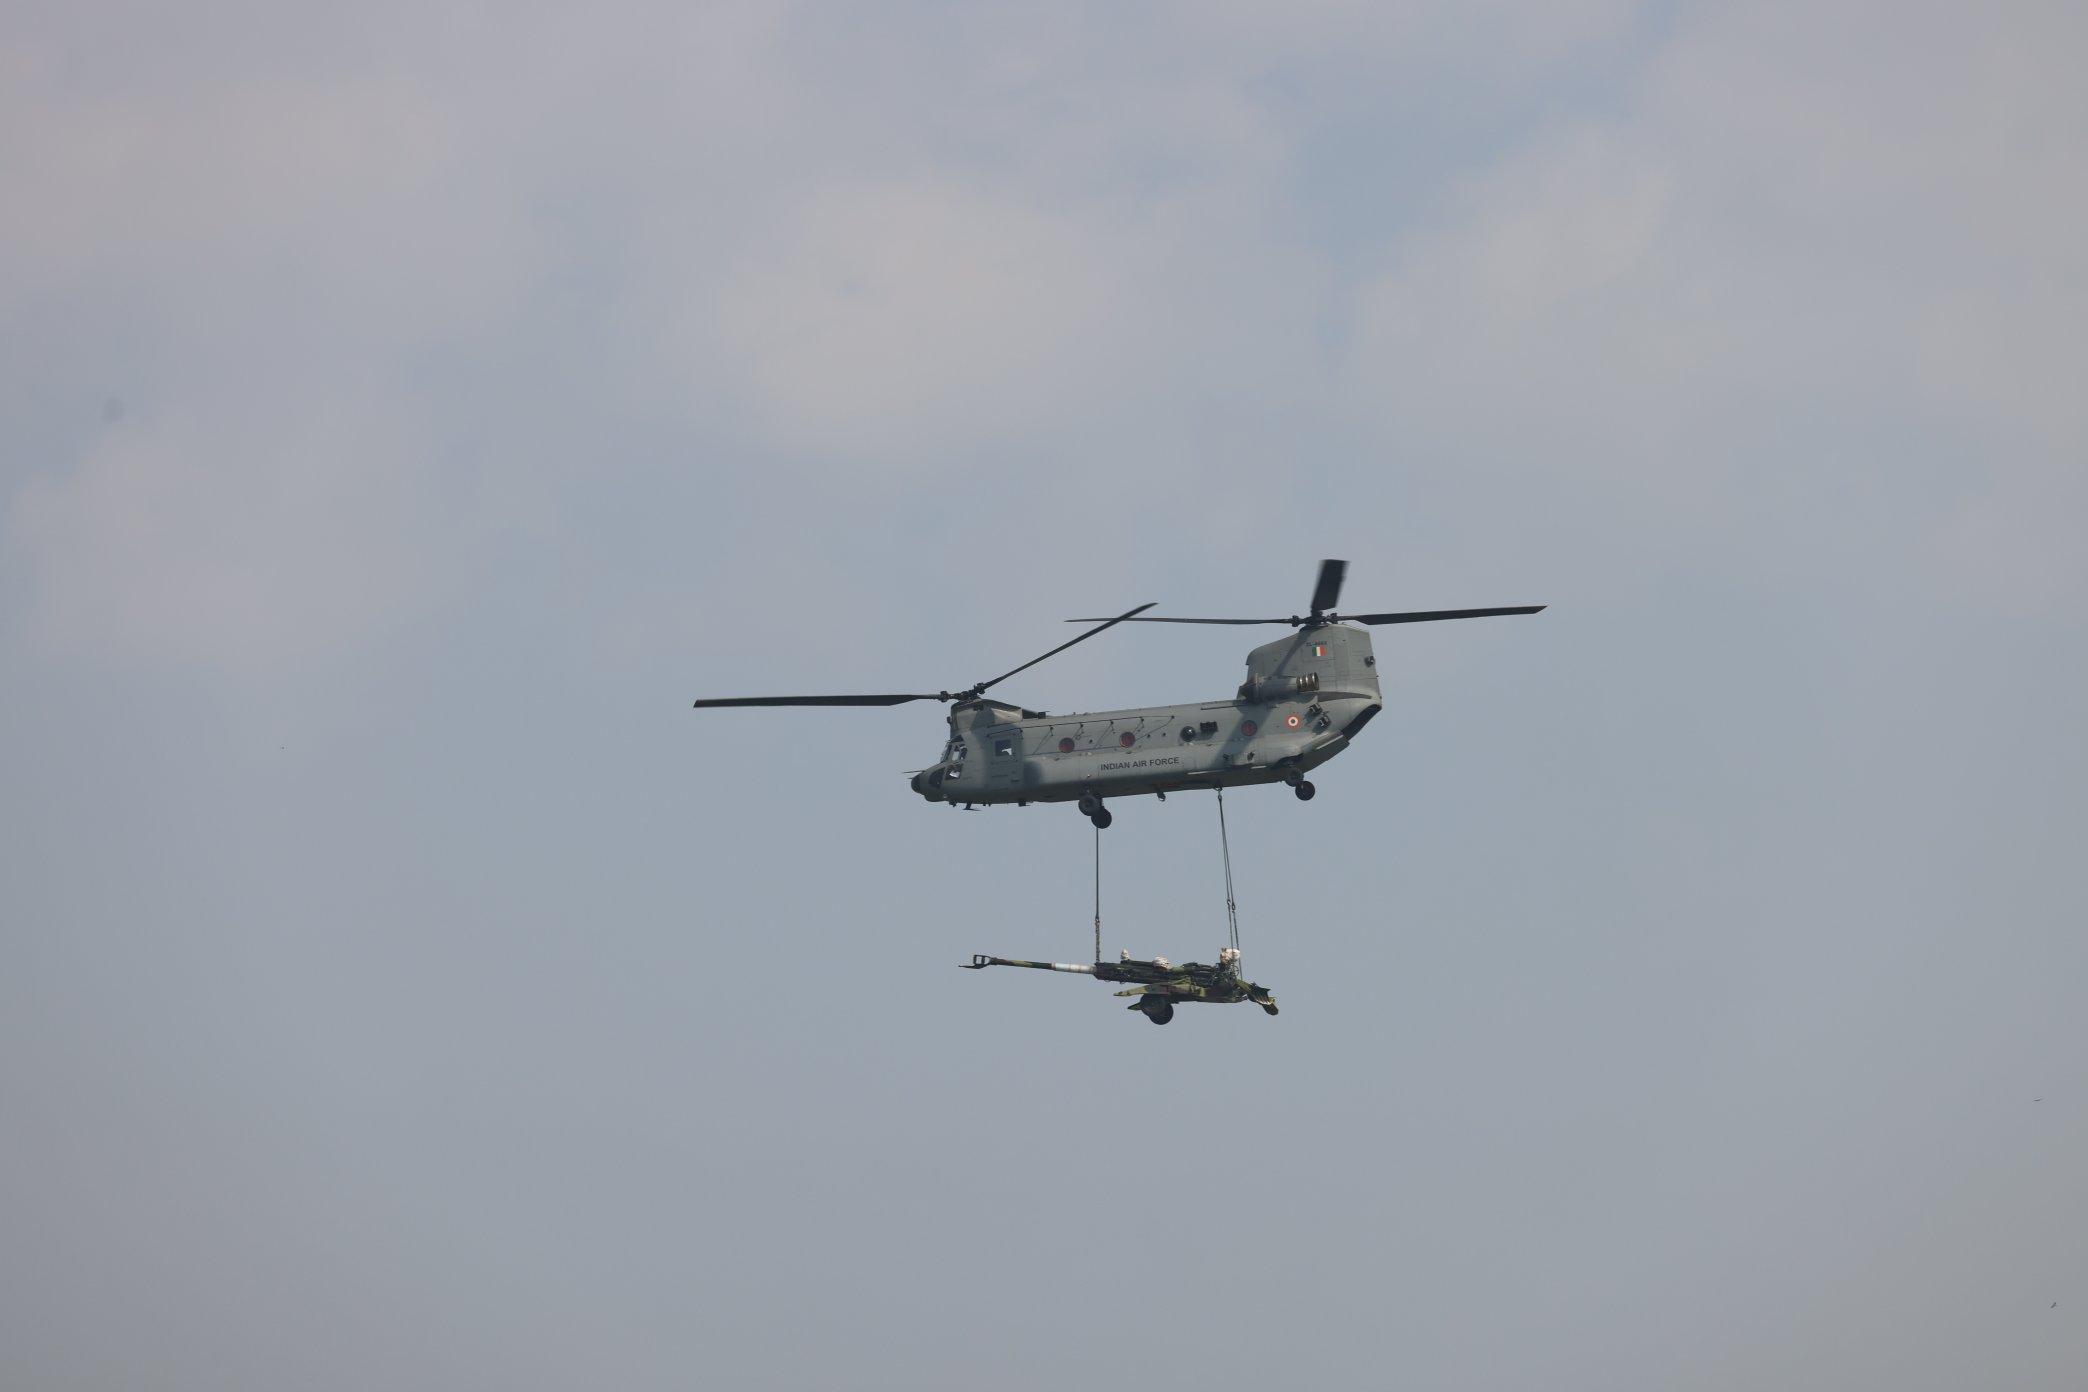 फोटो एयरफोर्स के चिनूग हेलीकॉप्टर की है, जो तोप को एक स्थान से दूसरे स्थान पर लेकर जा रहा है।